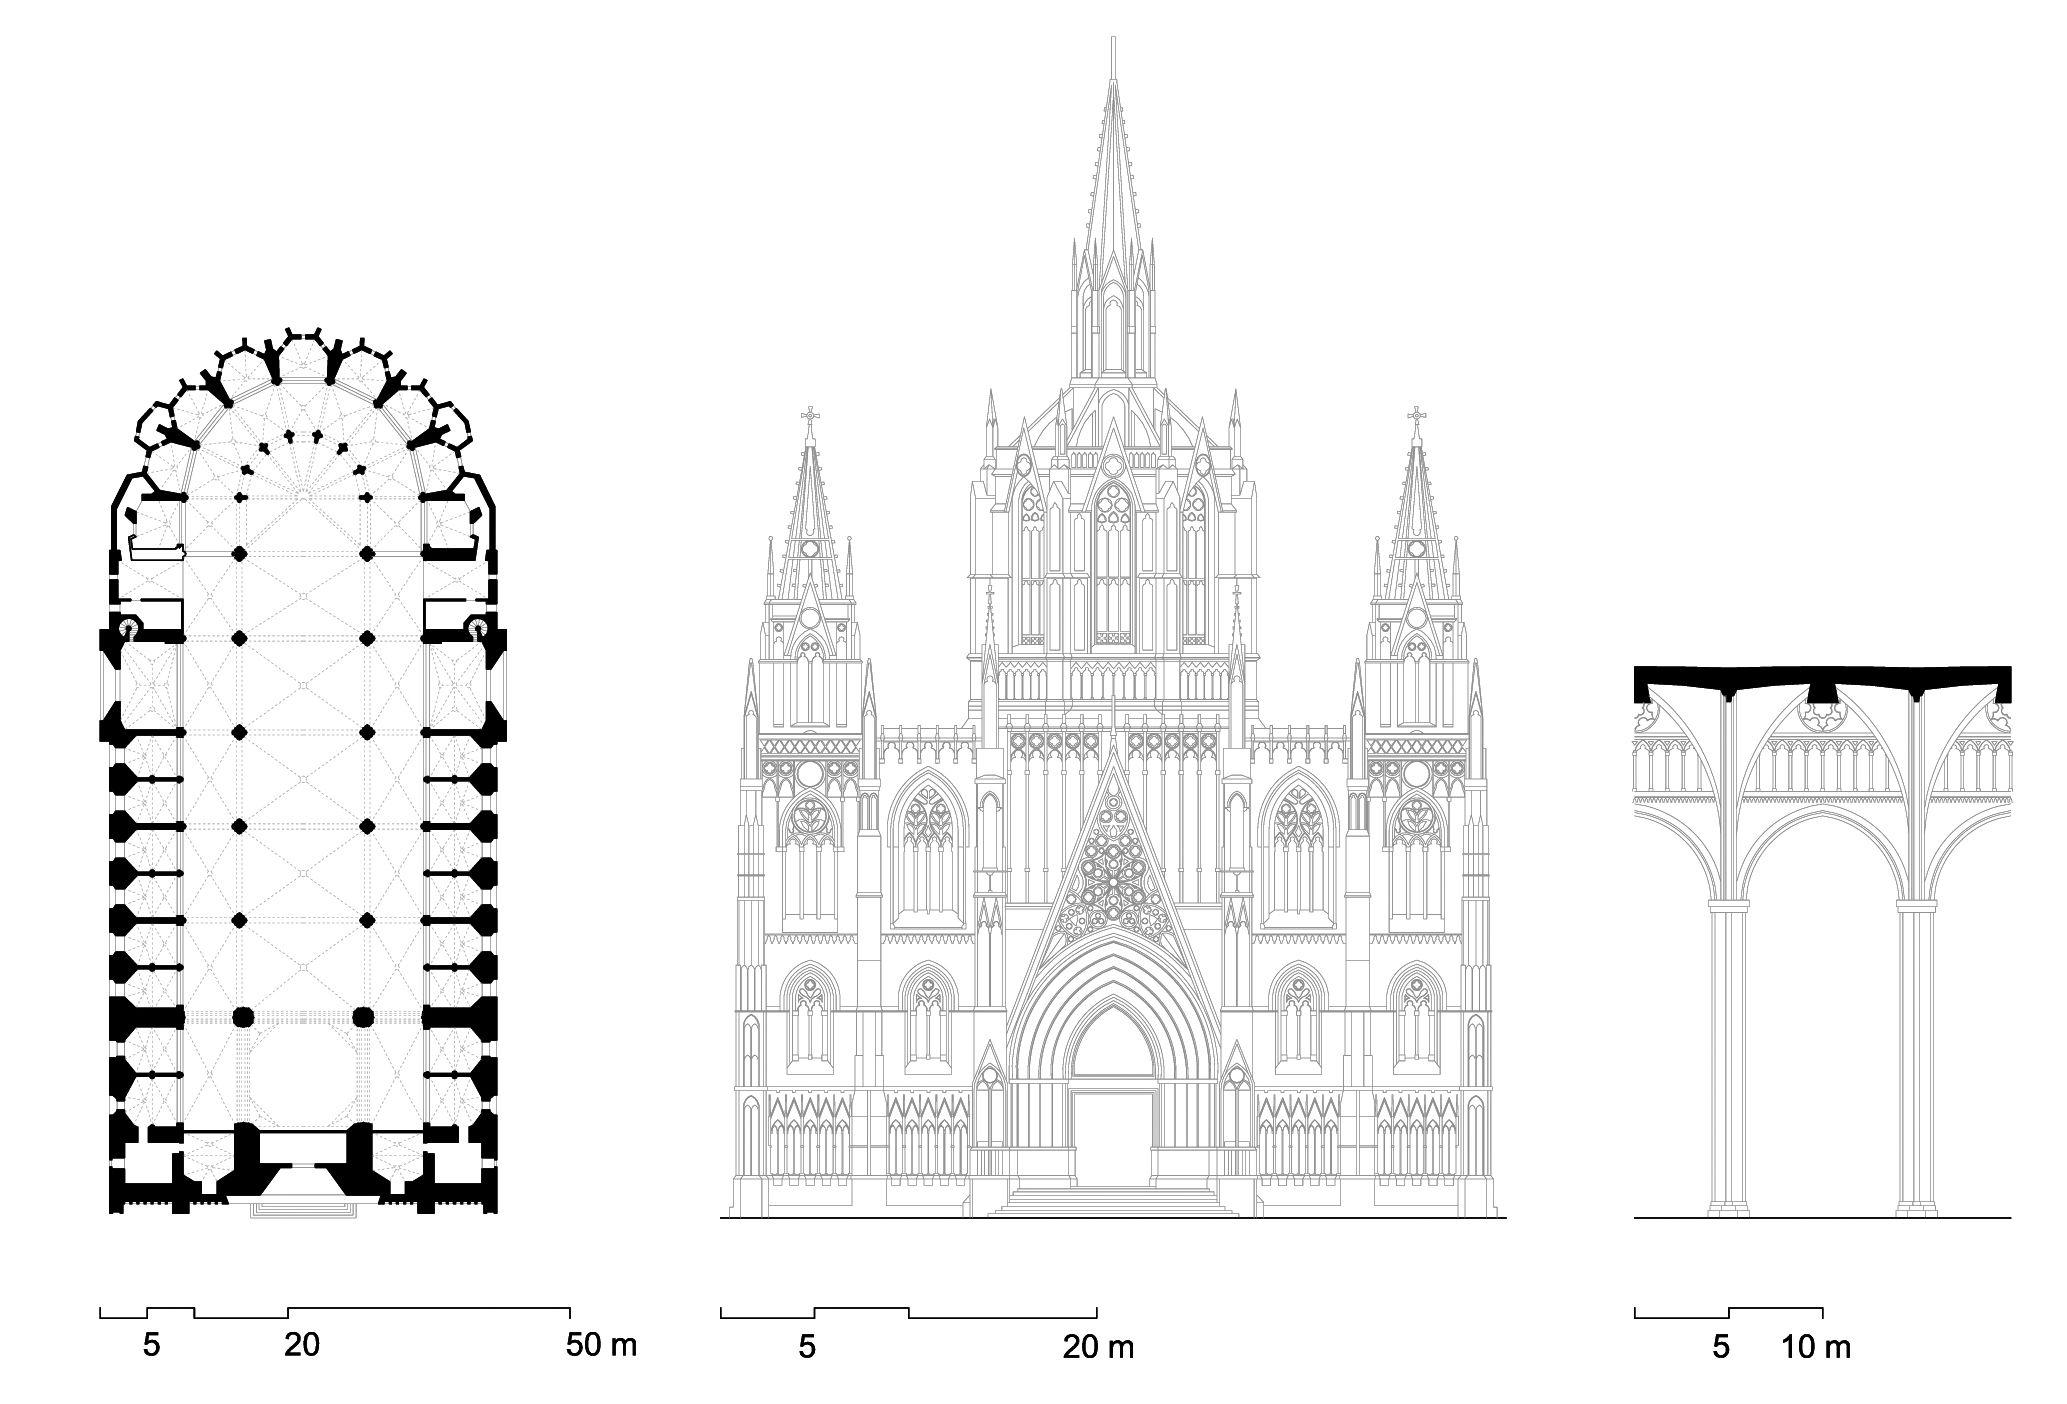 Planta alzado y corte interior de la catedral de Barcelona  La